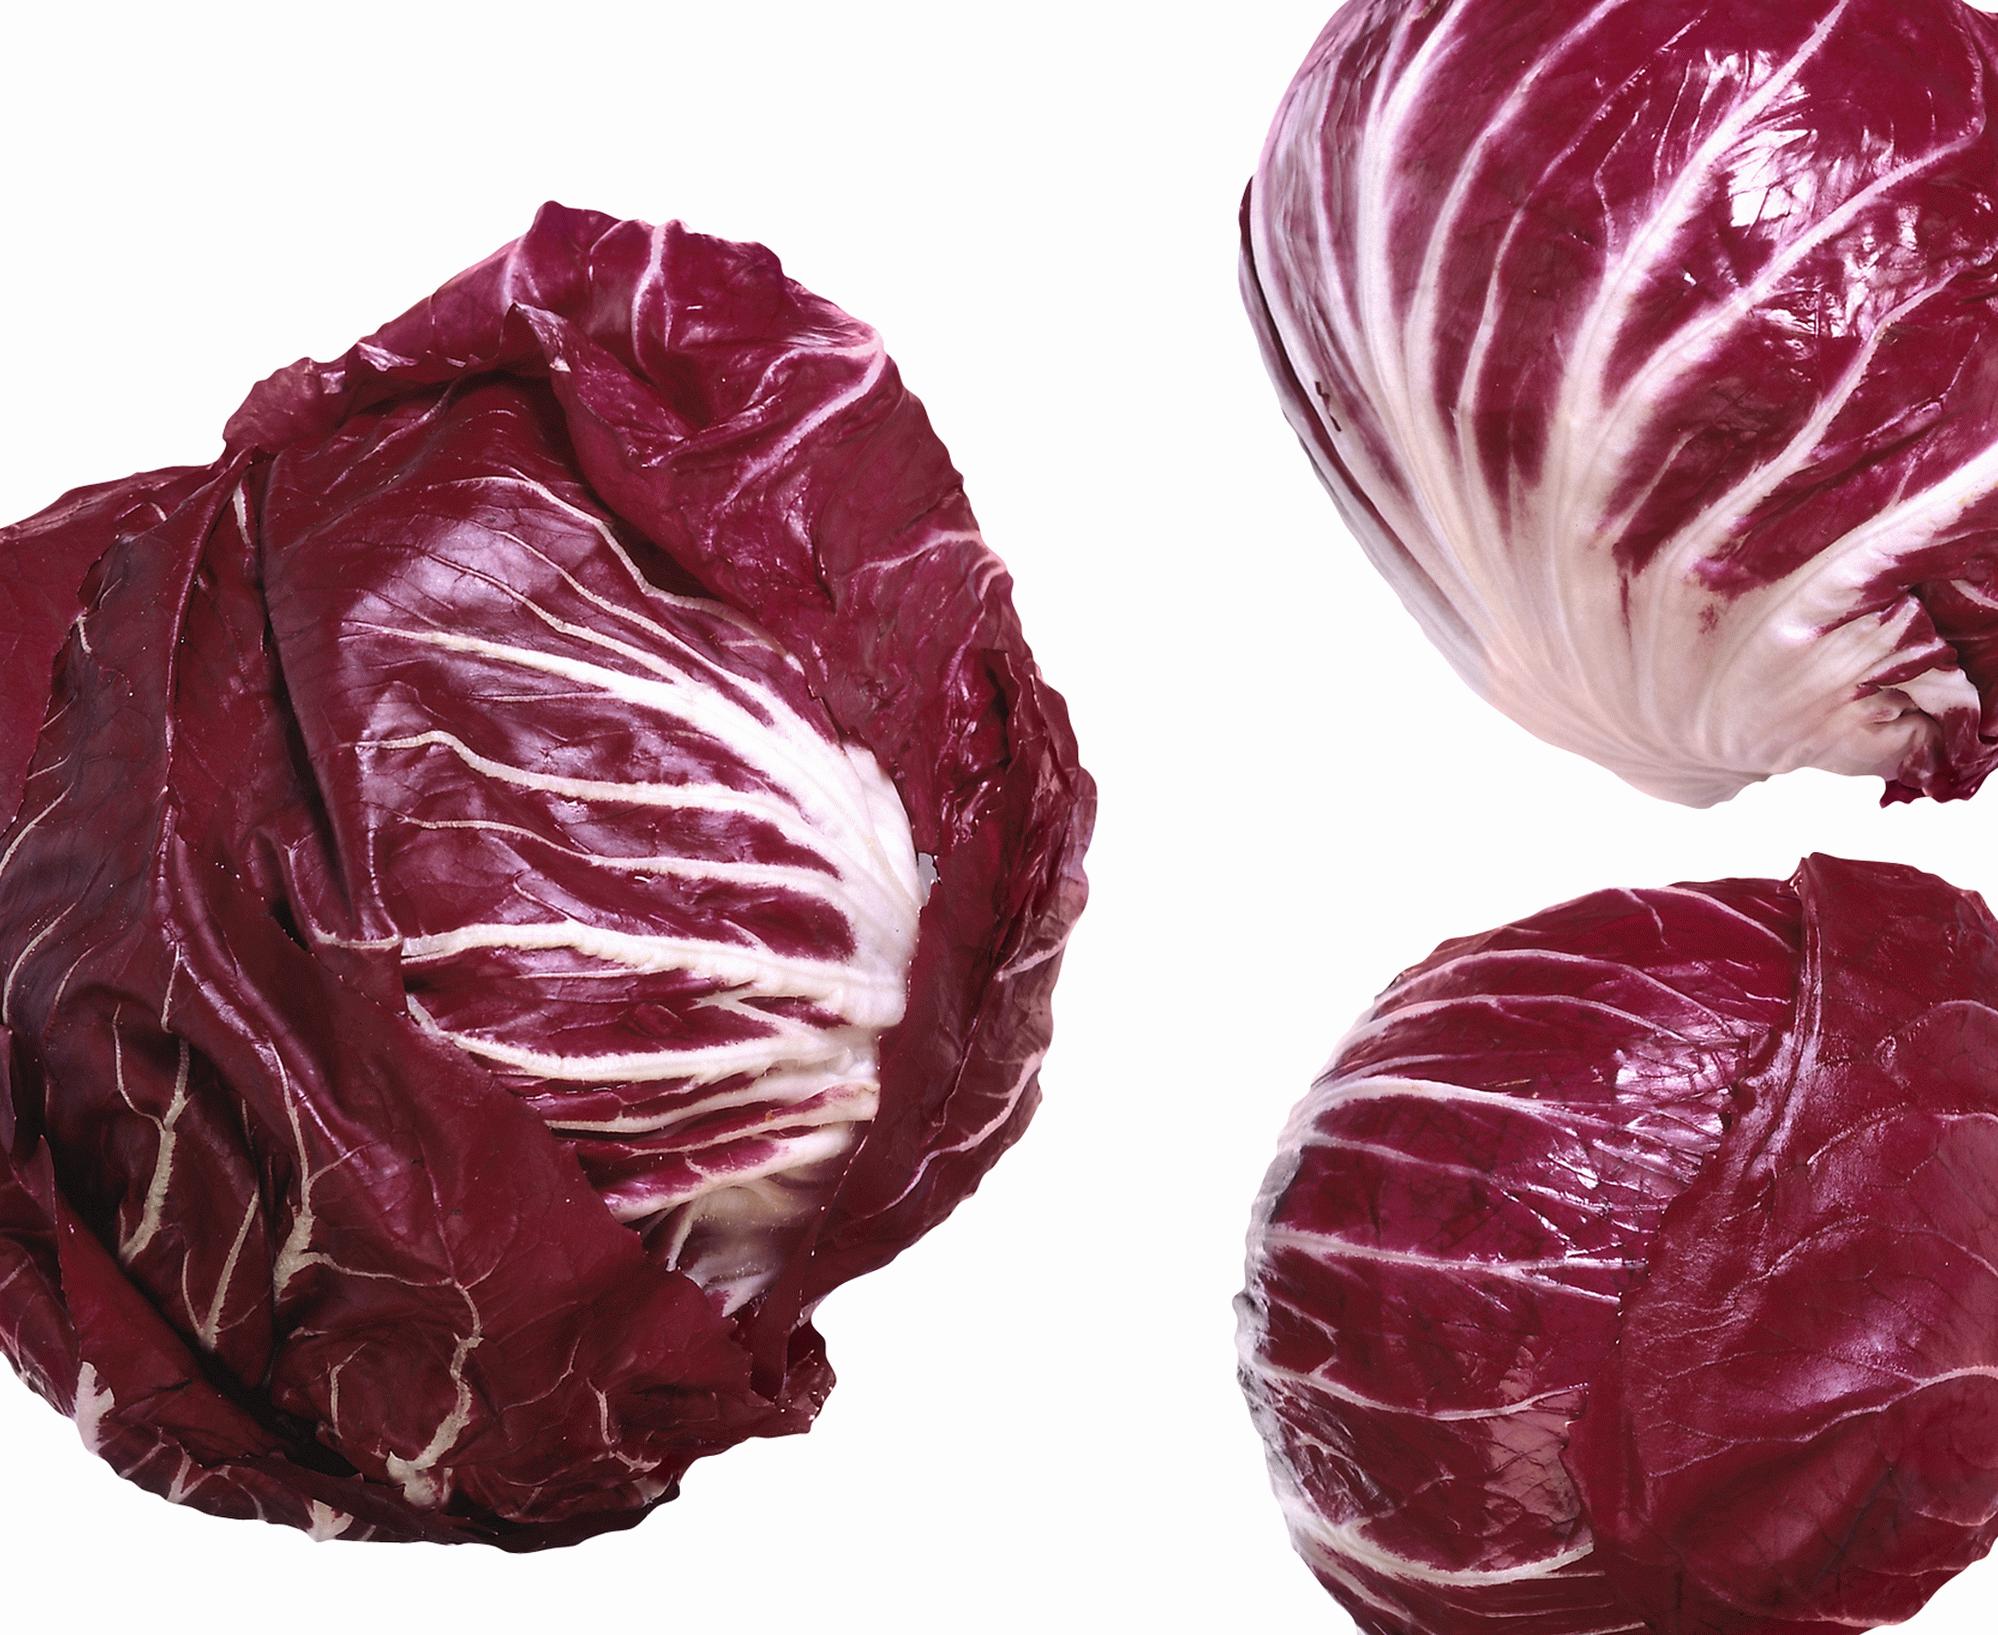 Краснокочанная капуста